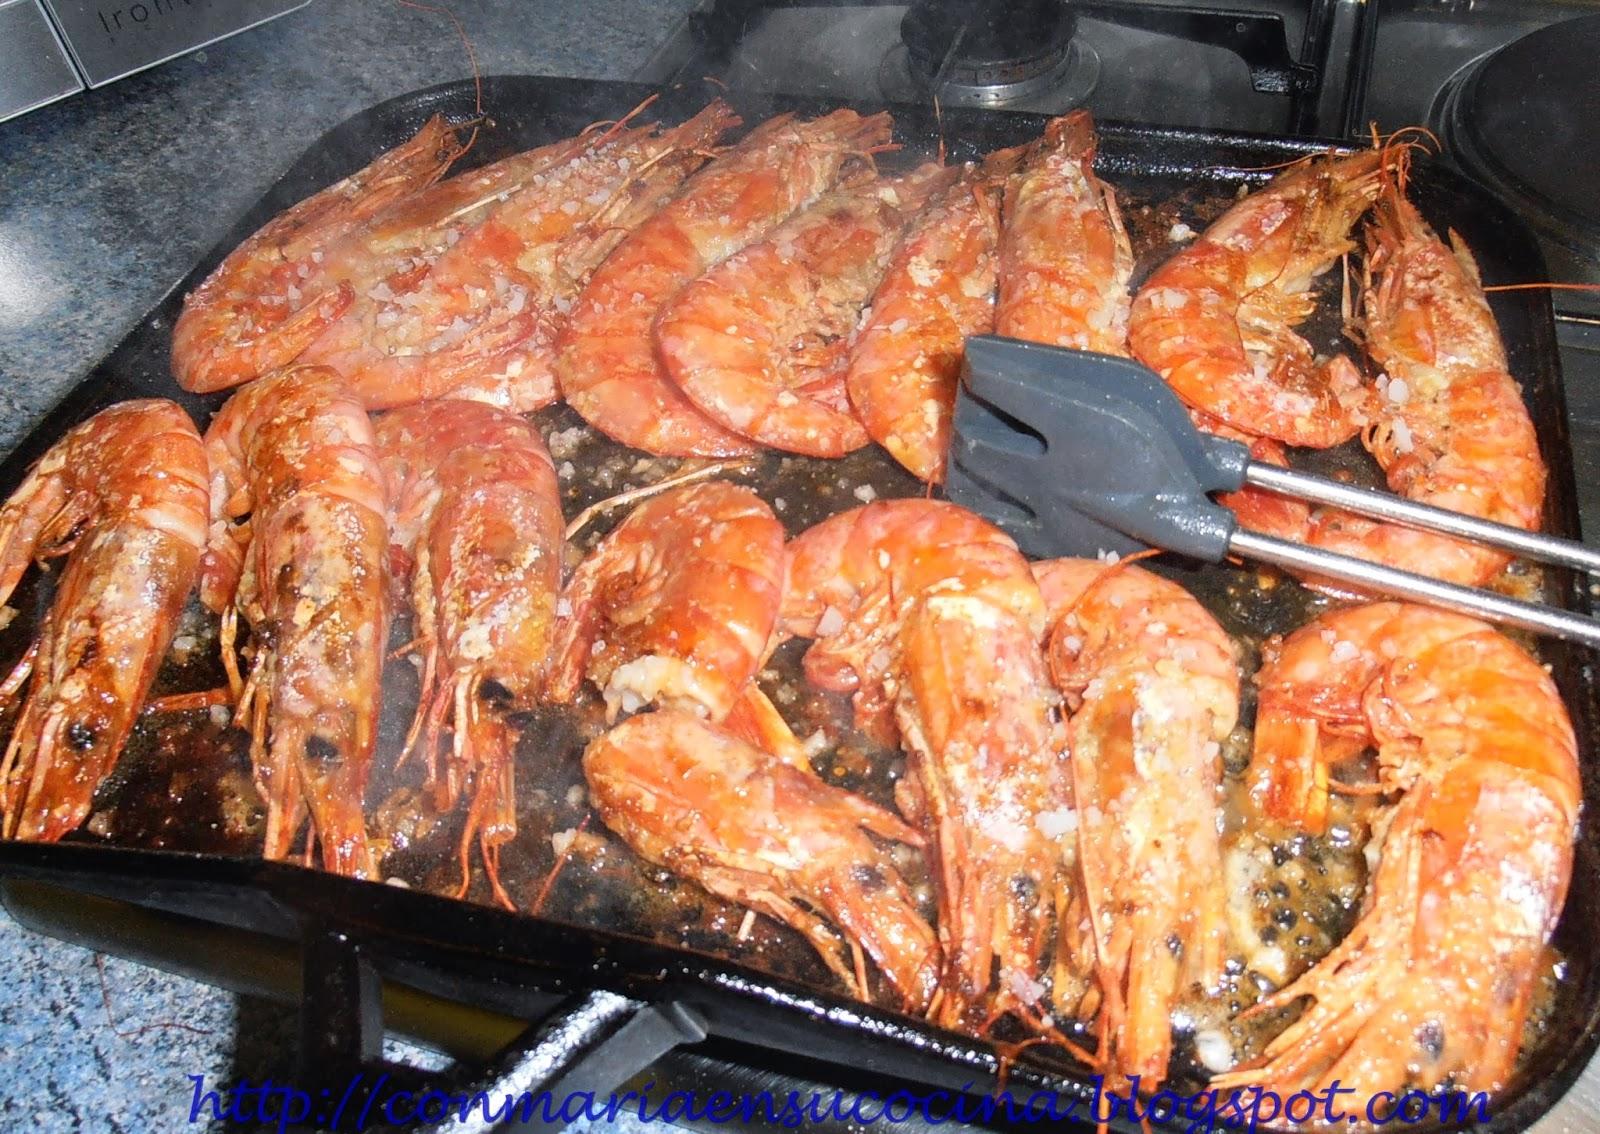 Con mar a en su cocina gambas o gambones a la plancha un placer al alcance de casi todos los - Cocinar a la plancha ...